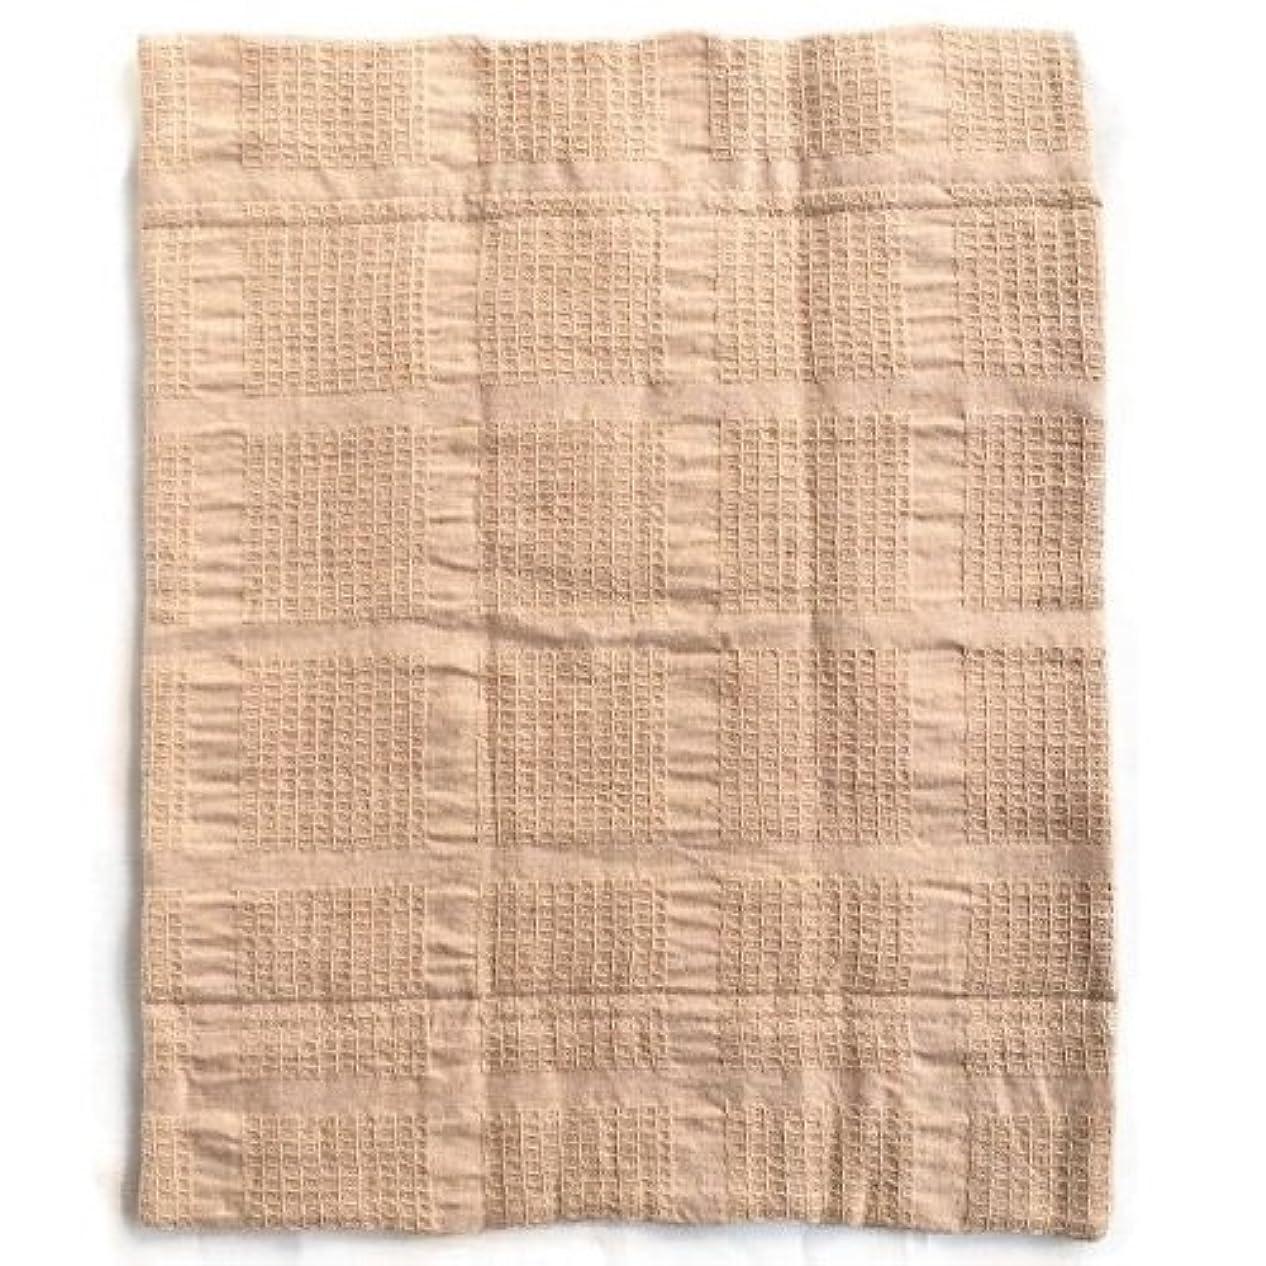 危機飛行機施し華布のオーガニックコットンの布ナプキン LLサイズ(約28cm×約35cm) 1枚入り